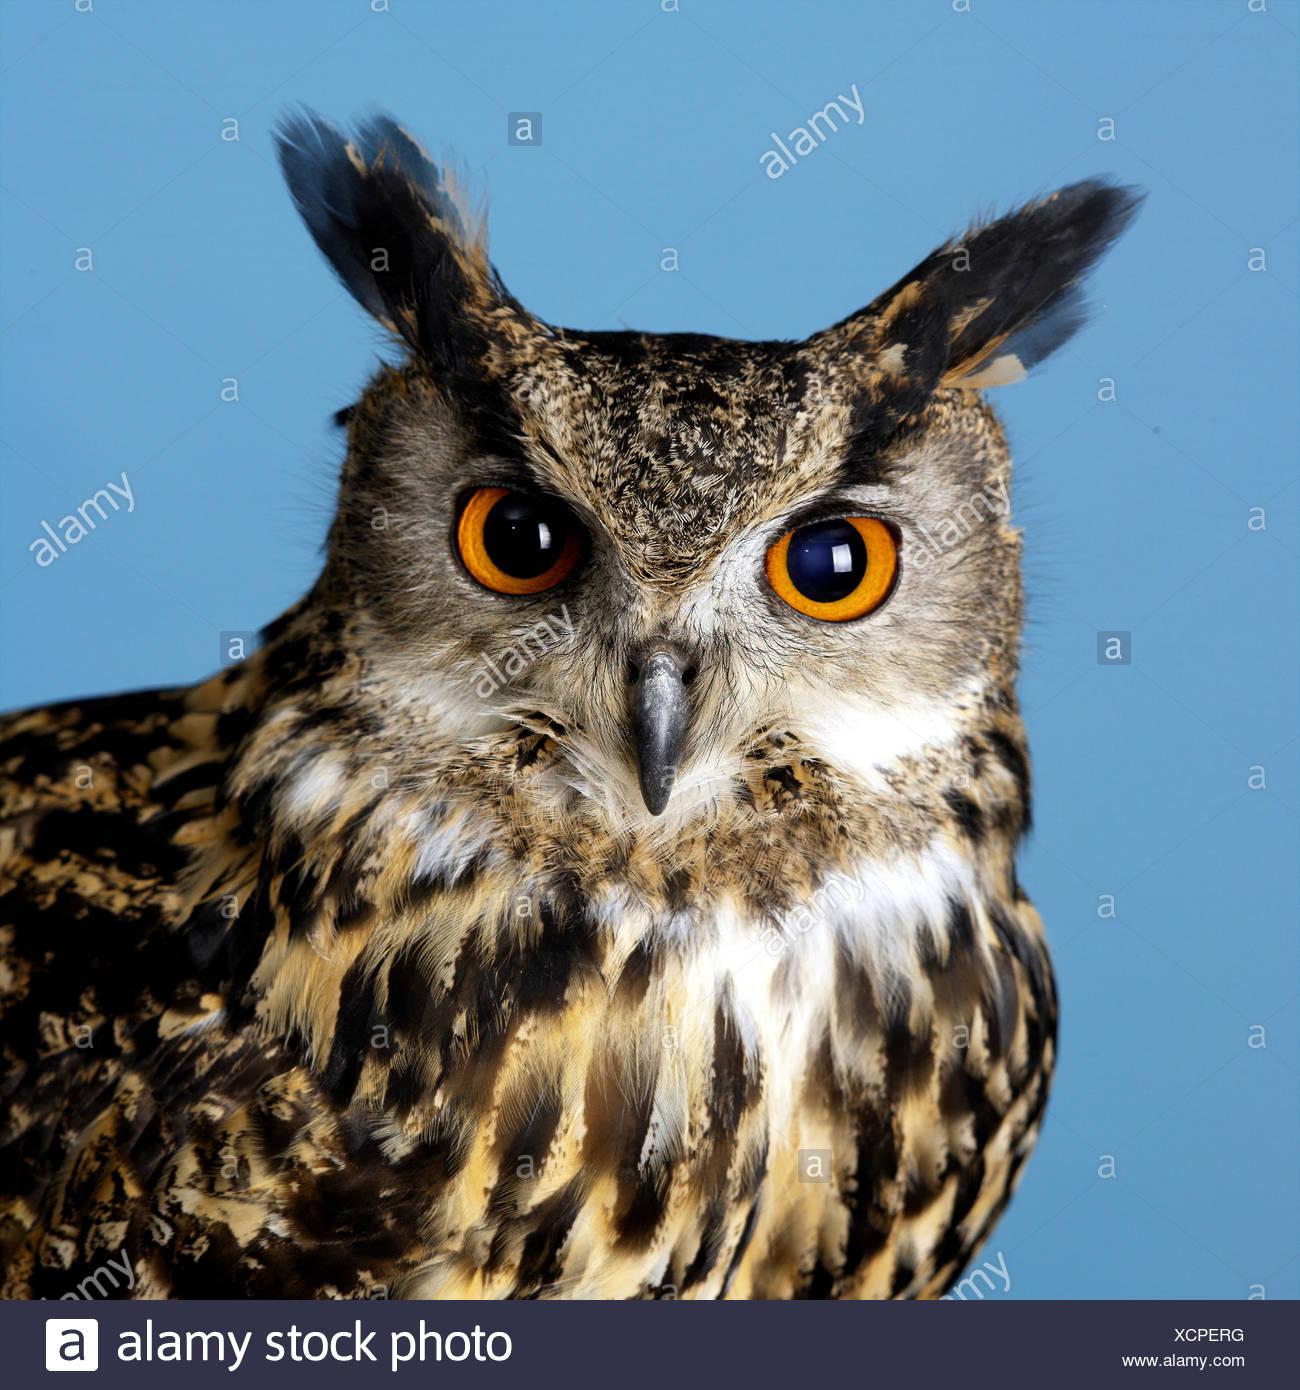 Eagle Owl - Stock Image